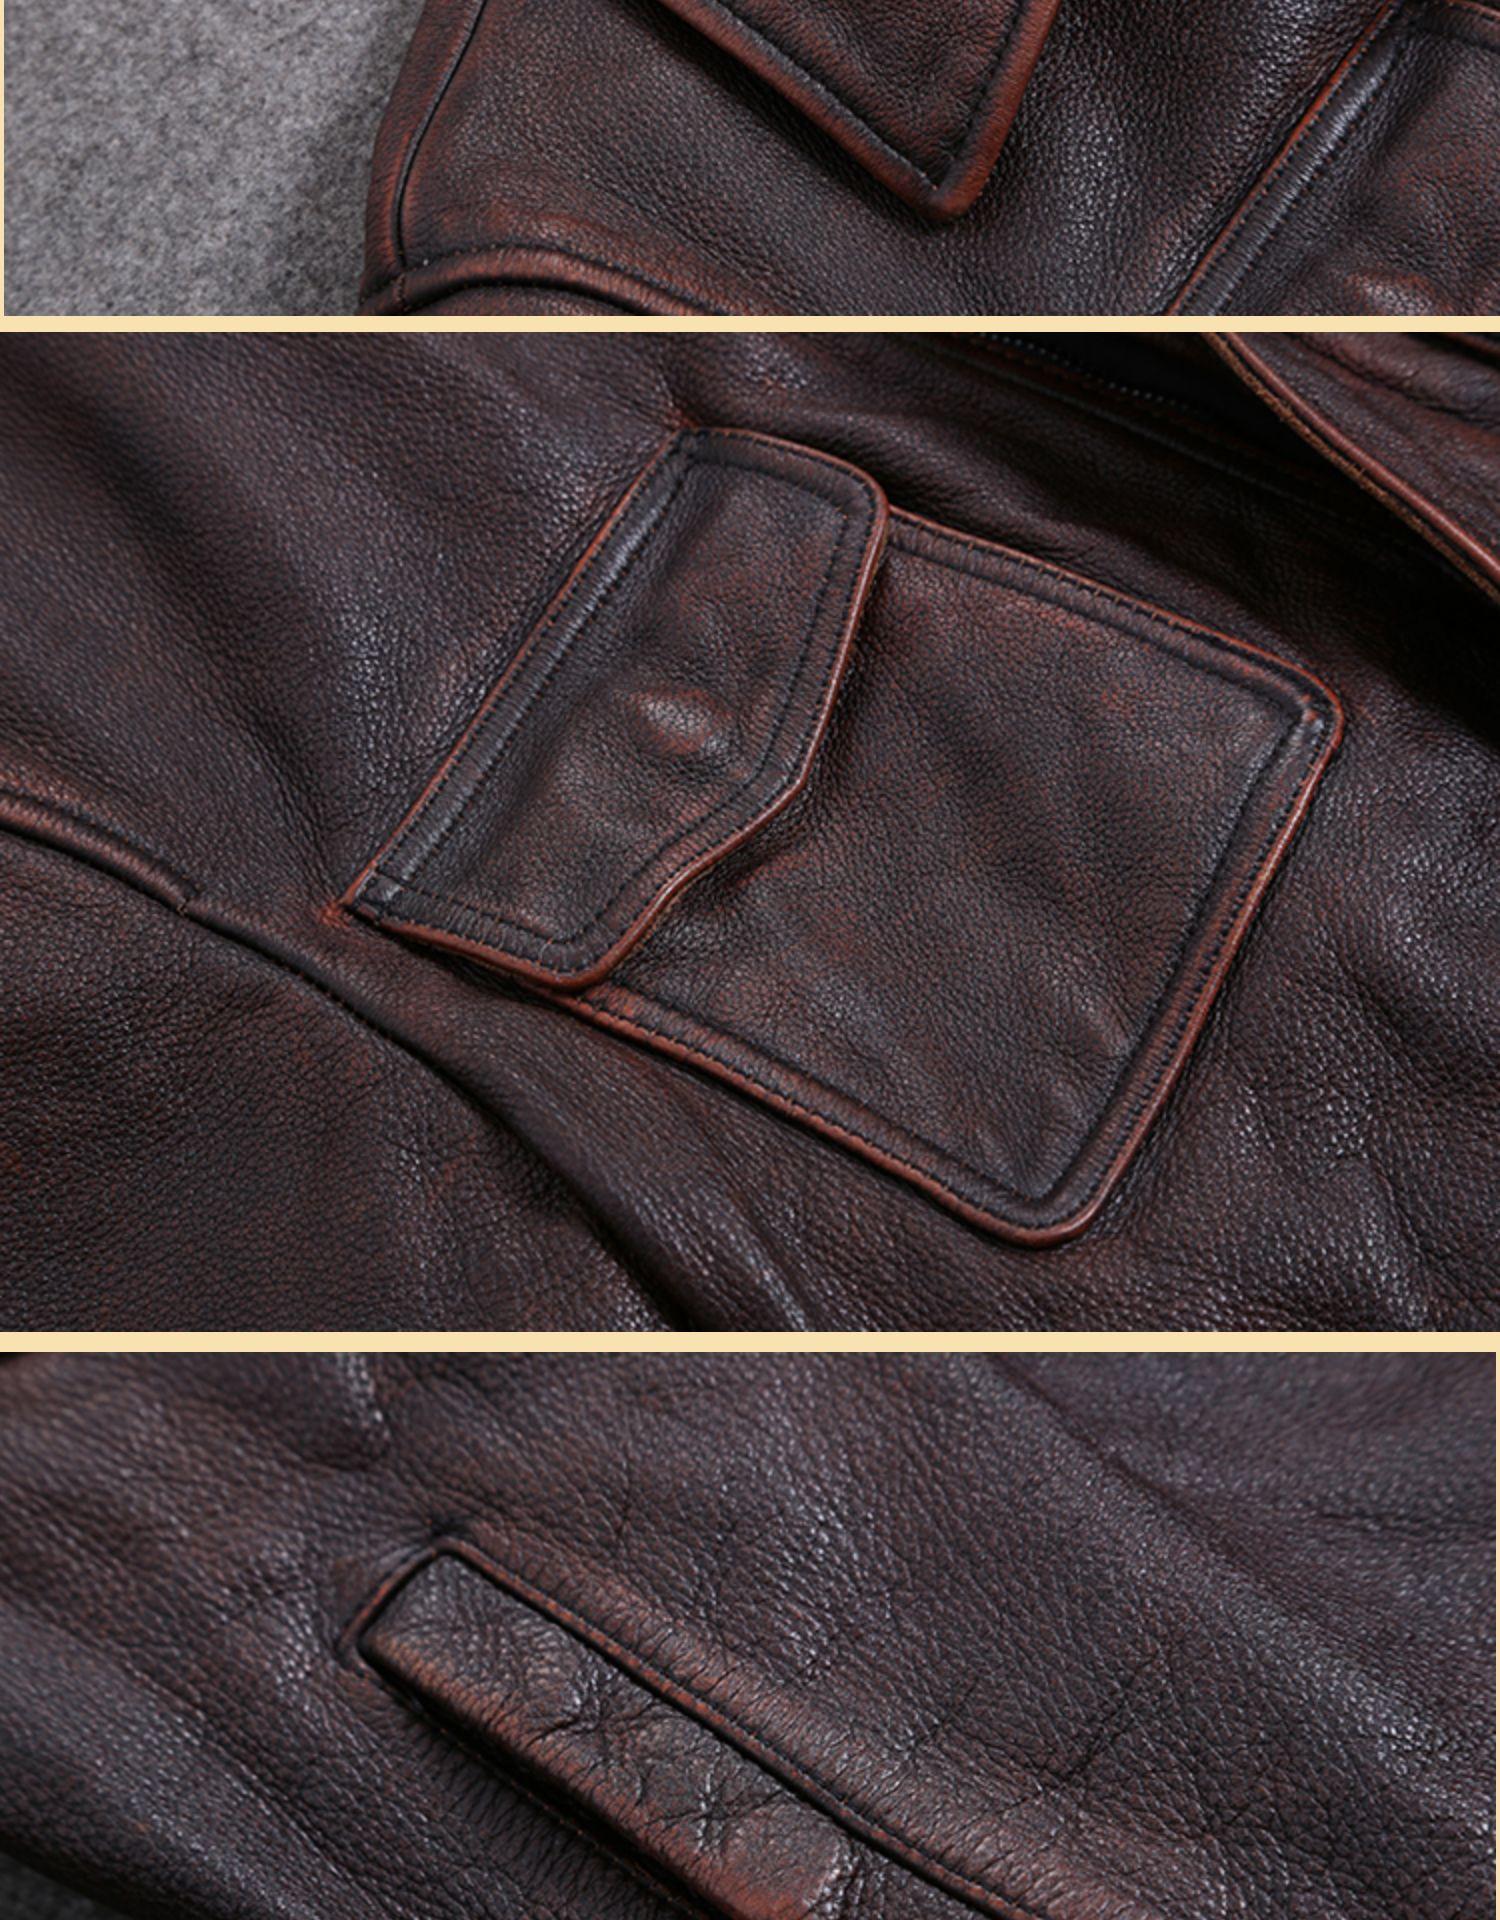 H85ec95555fa94fada1bd21e1c6bd435fX AYUNSUE Vintage Genuine Cow Leather Jacket Men Plus Size Cowhide Leather Coat Slim Short Jacket Veste Cuir Homme L-Z-14 YY1366